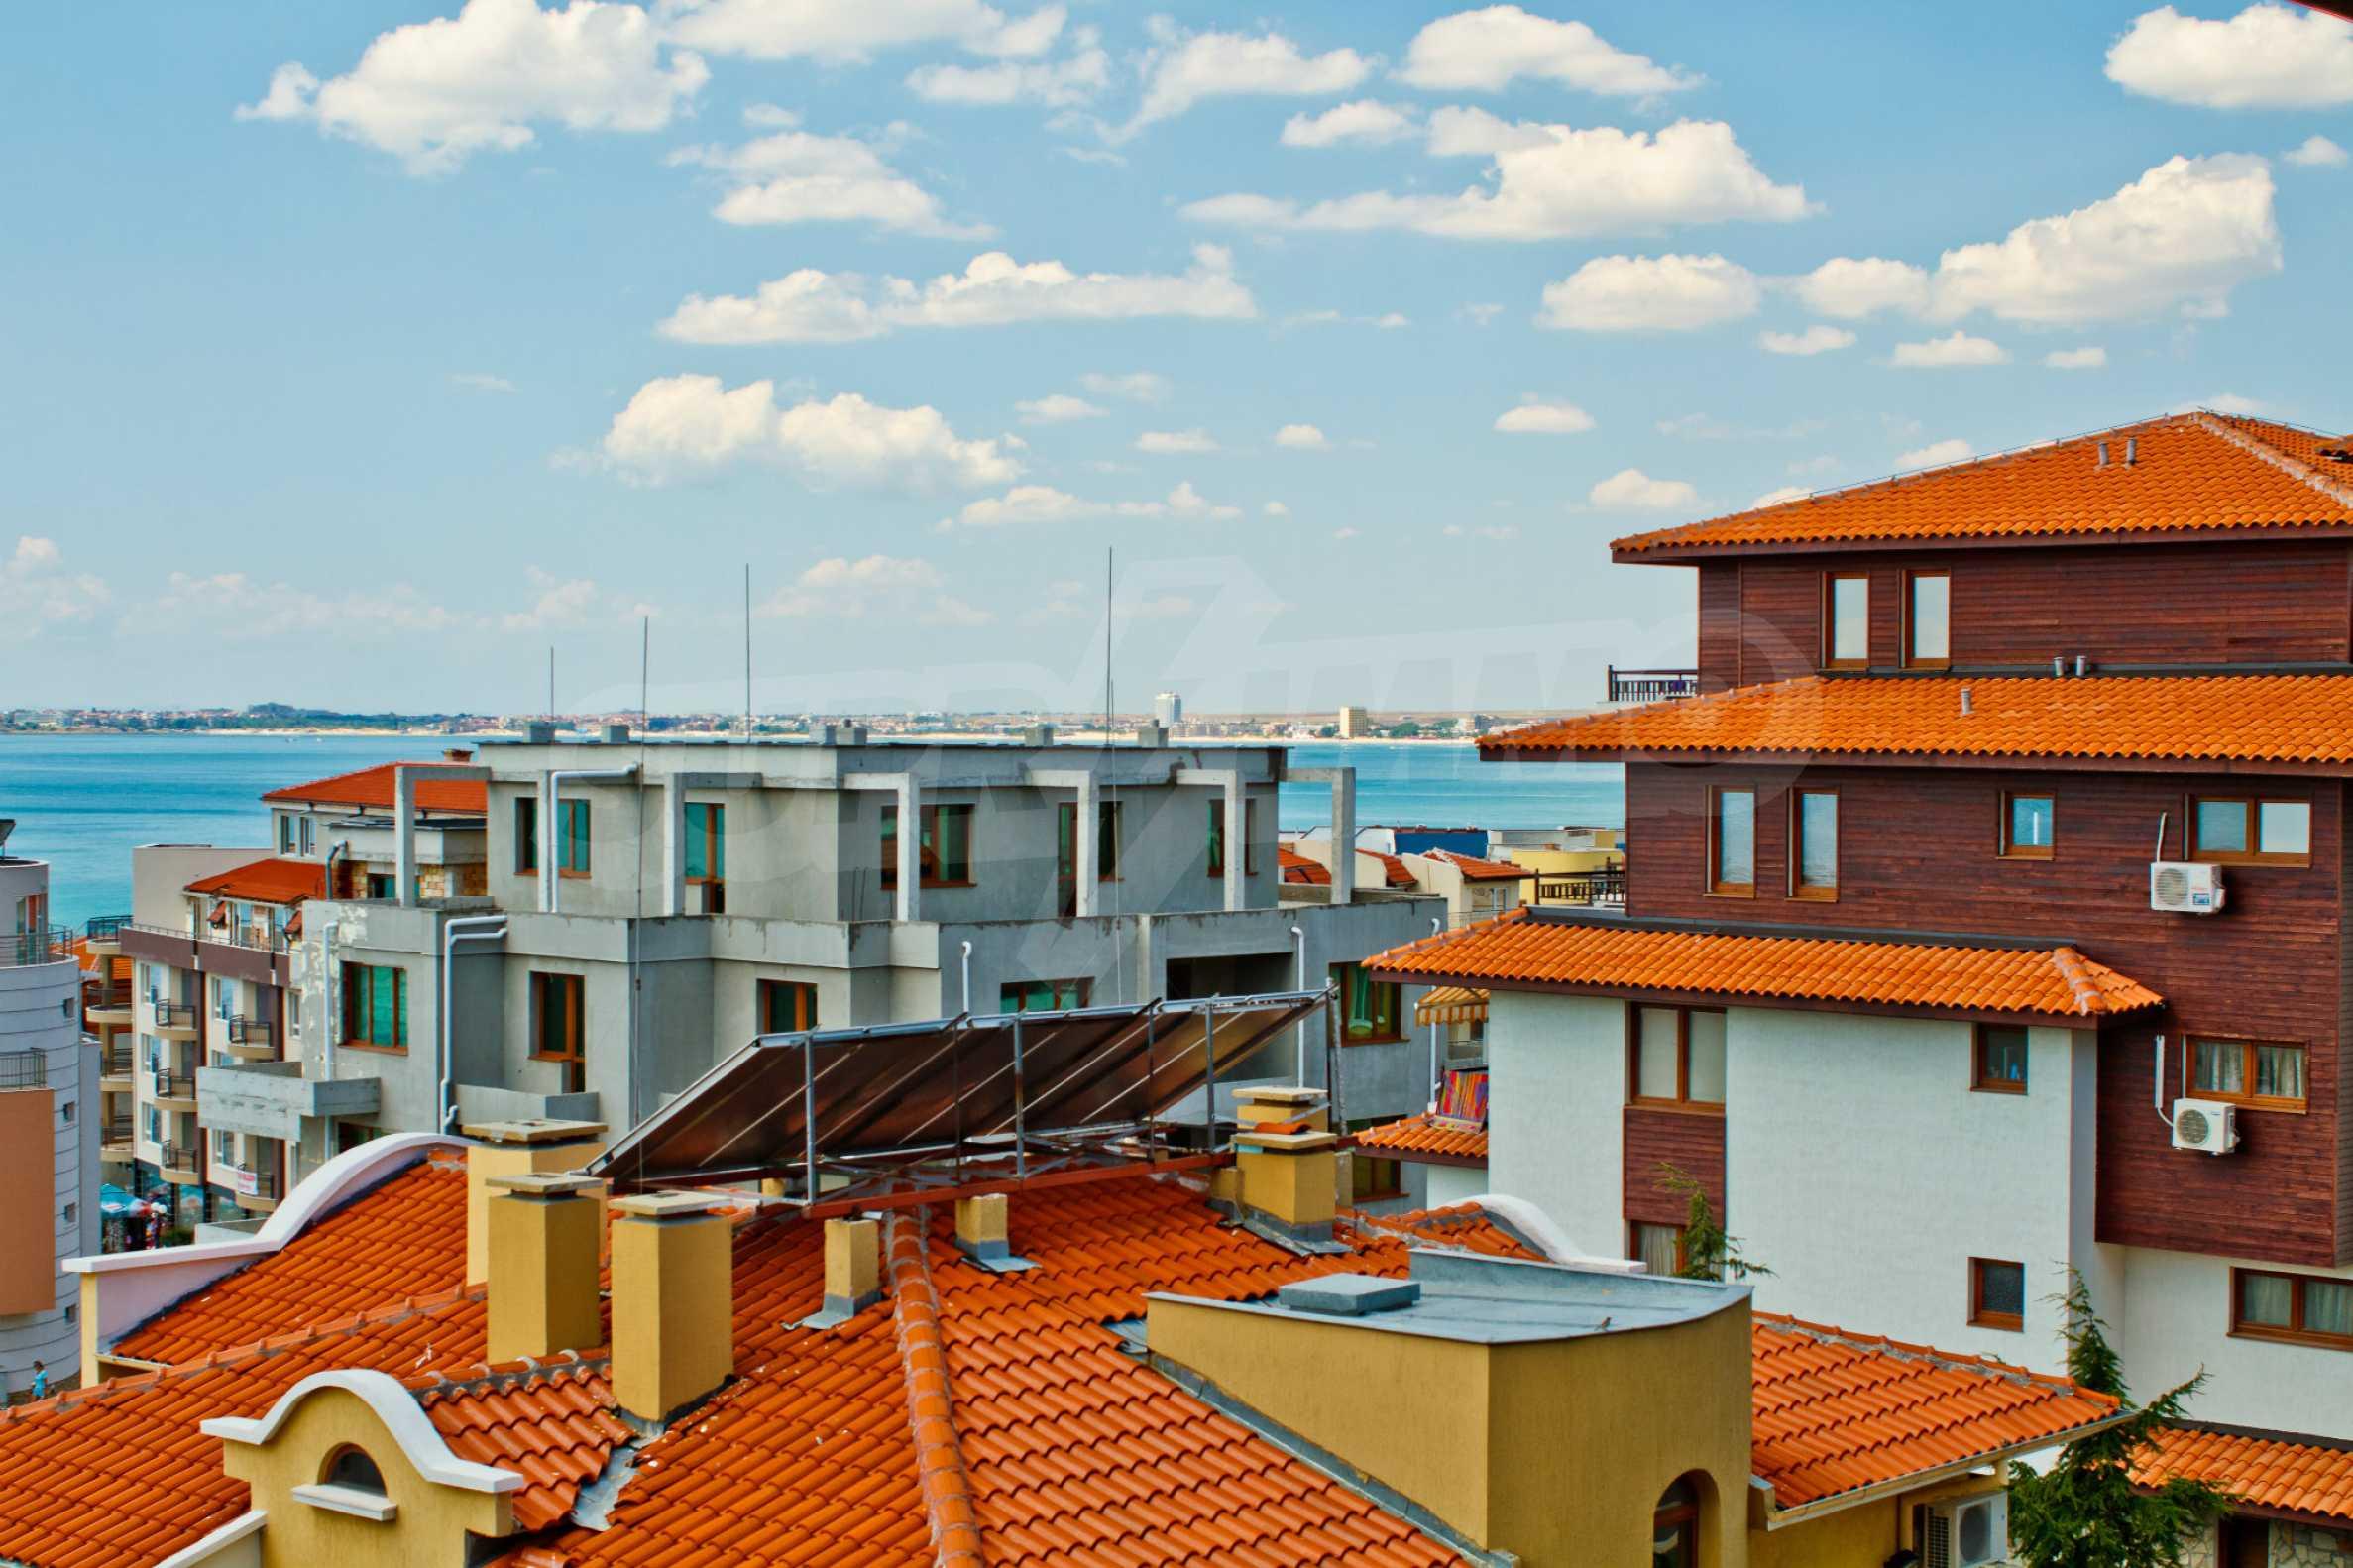 Exquisite Apartments in einer Ferienanlage in der Nähe von Central Beach 22